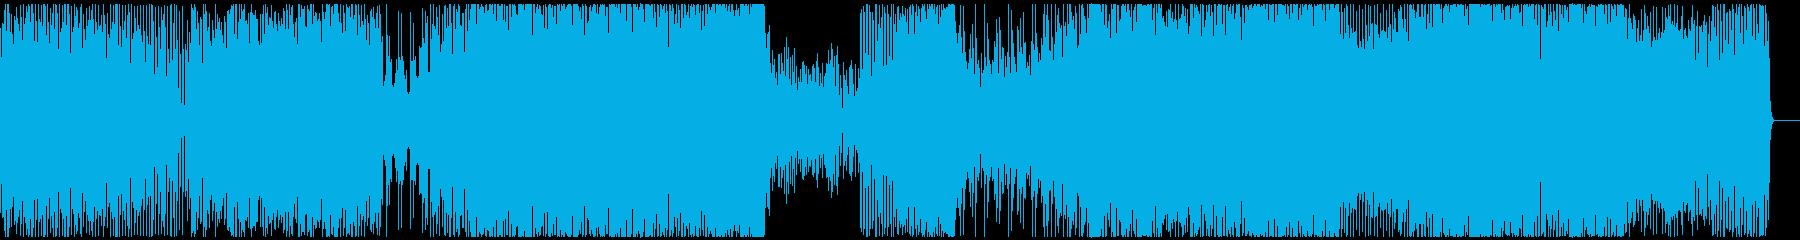 SF映画風の重厚なテクノ楽曲(インスト)の再生済みの波形